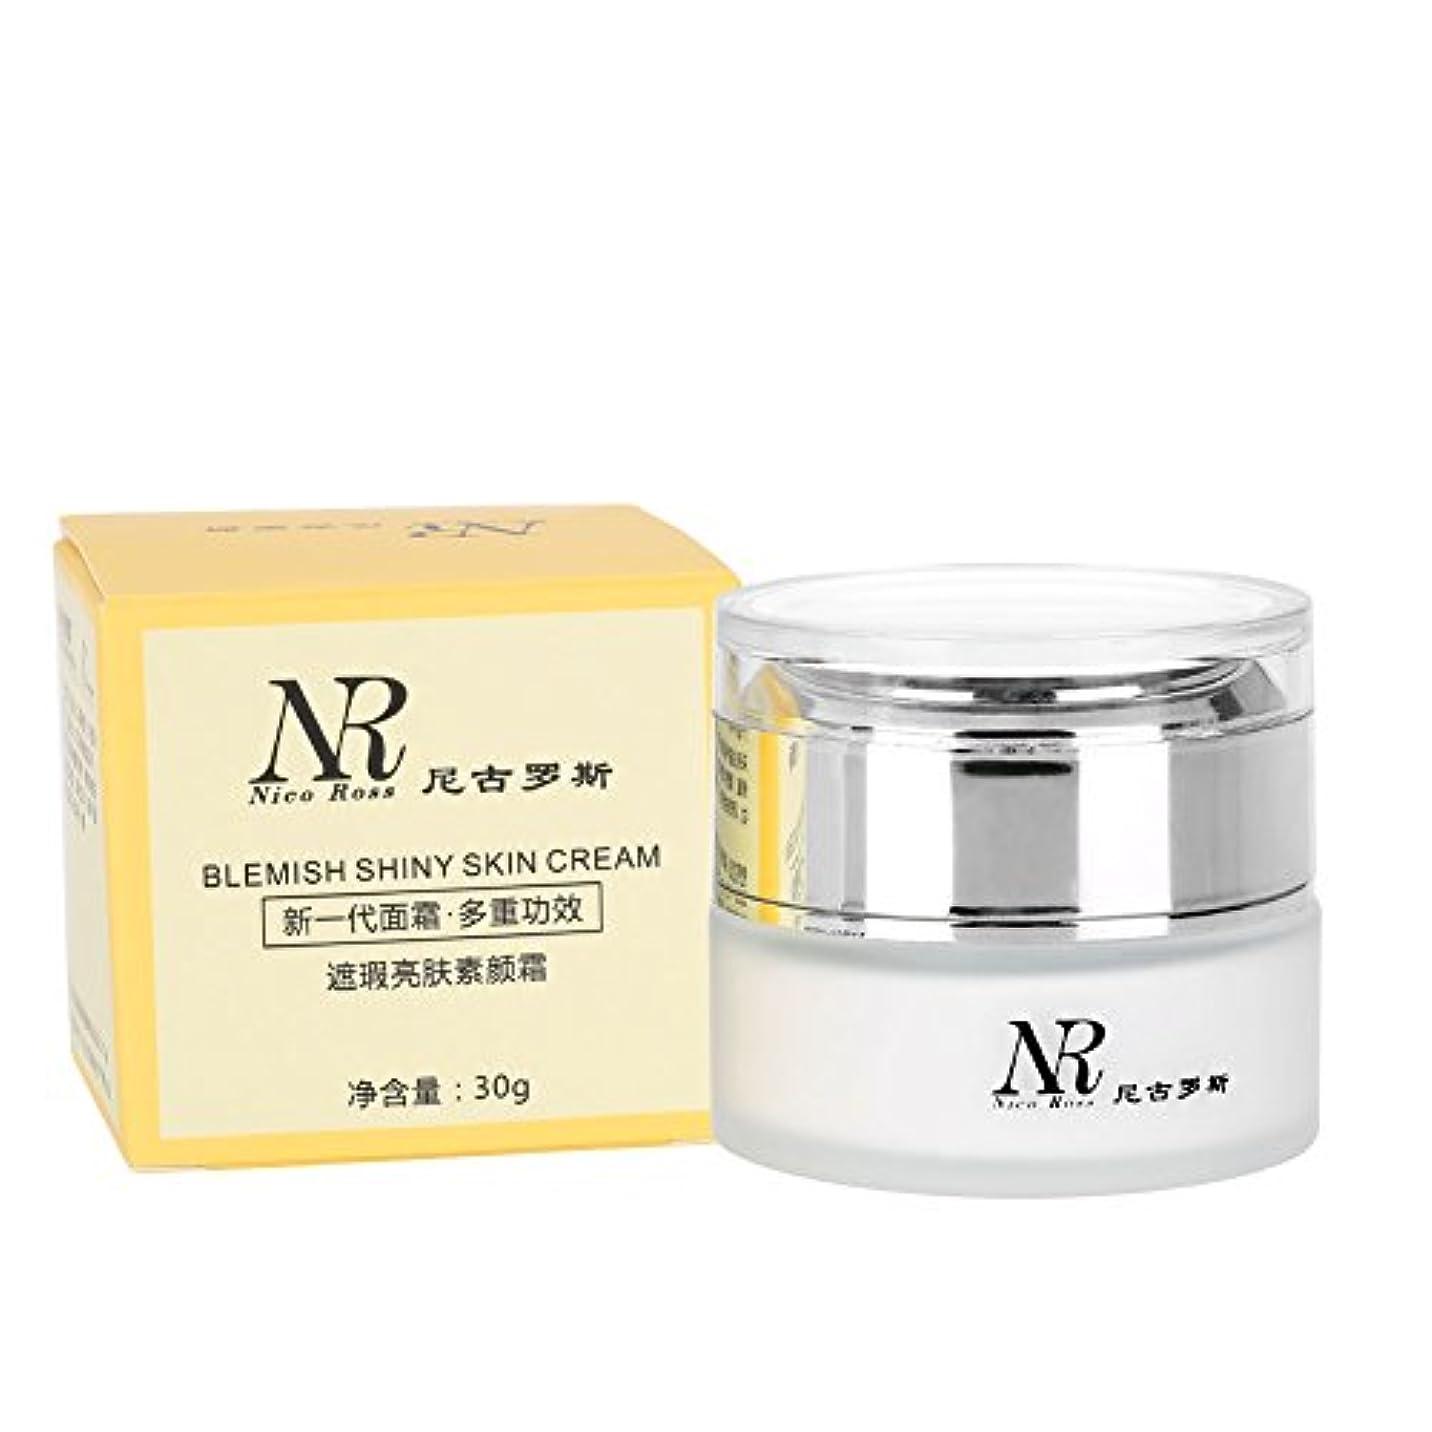 提供された静める右ビューティークリーム、モイスチャライジングホワイトニング レイジークリーム UVプロテクションプライマー 潤い、保湿、美白、自然、明るい白肌